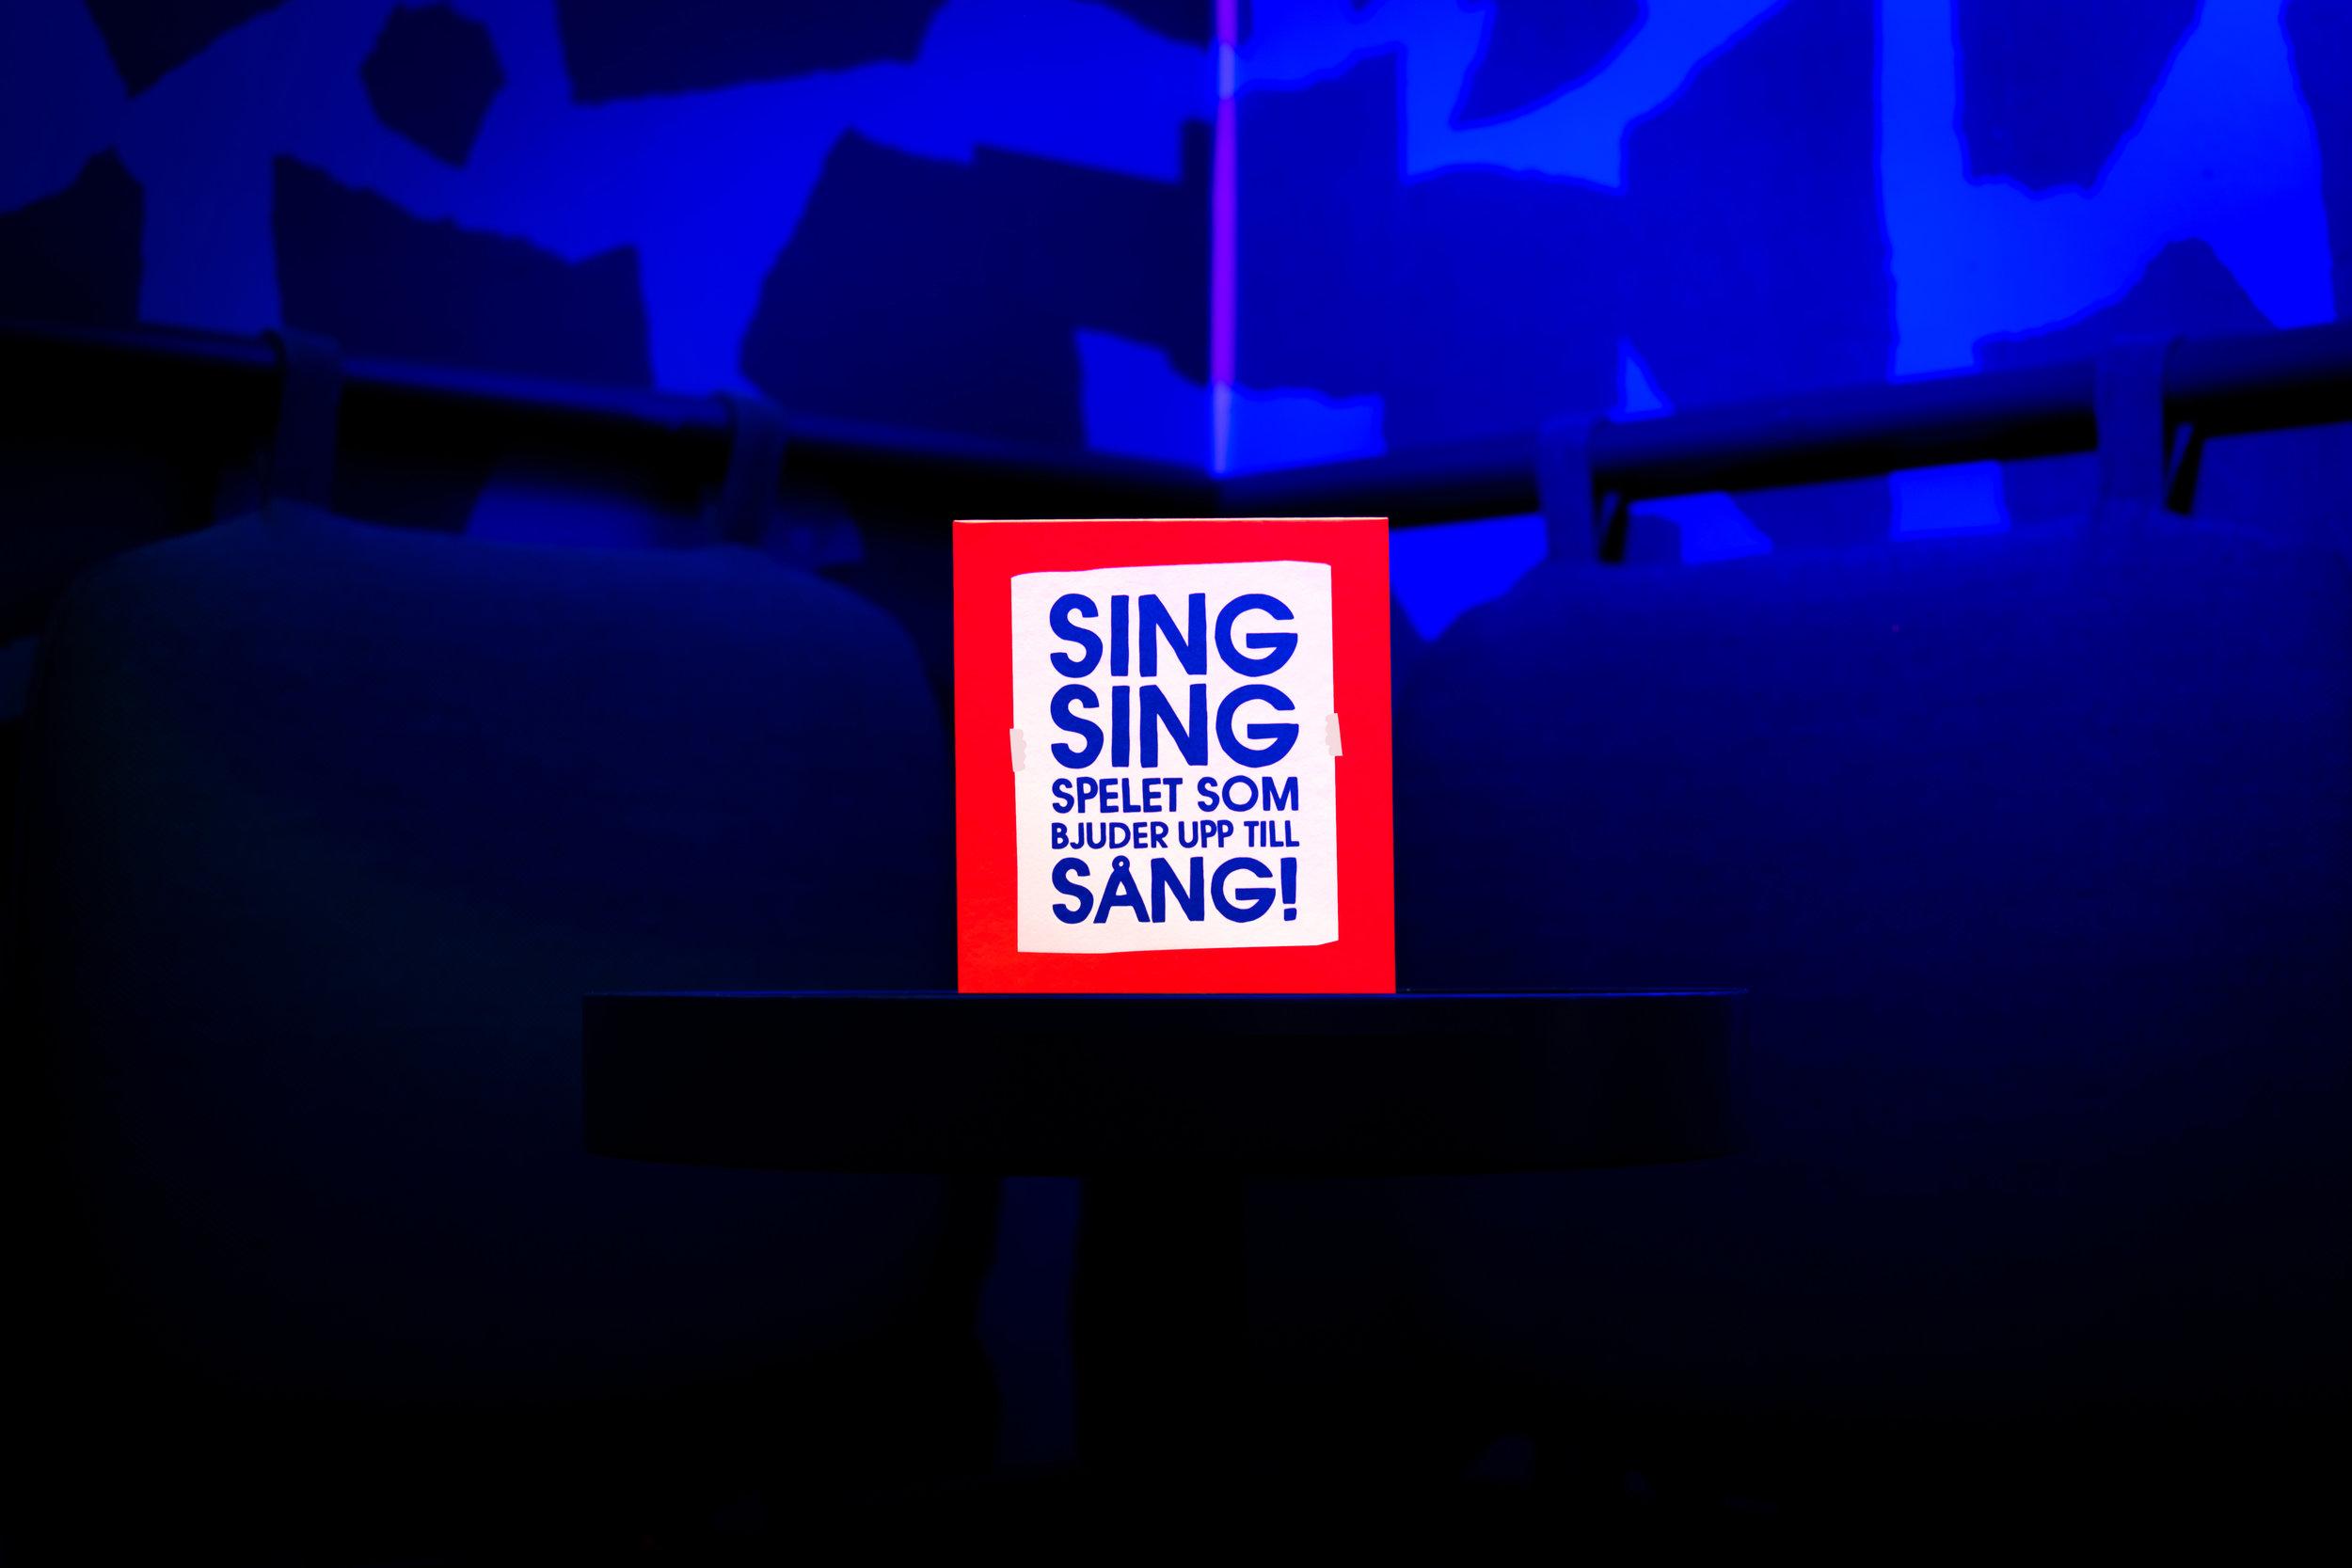 sing-sing.jpg